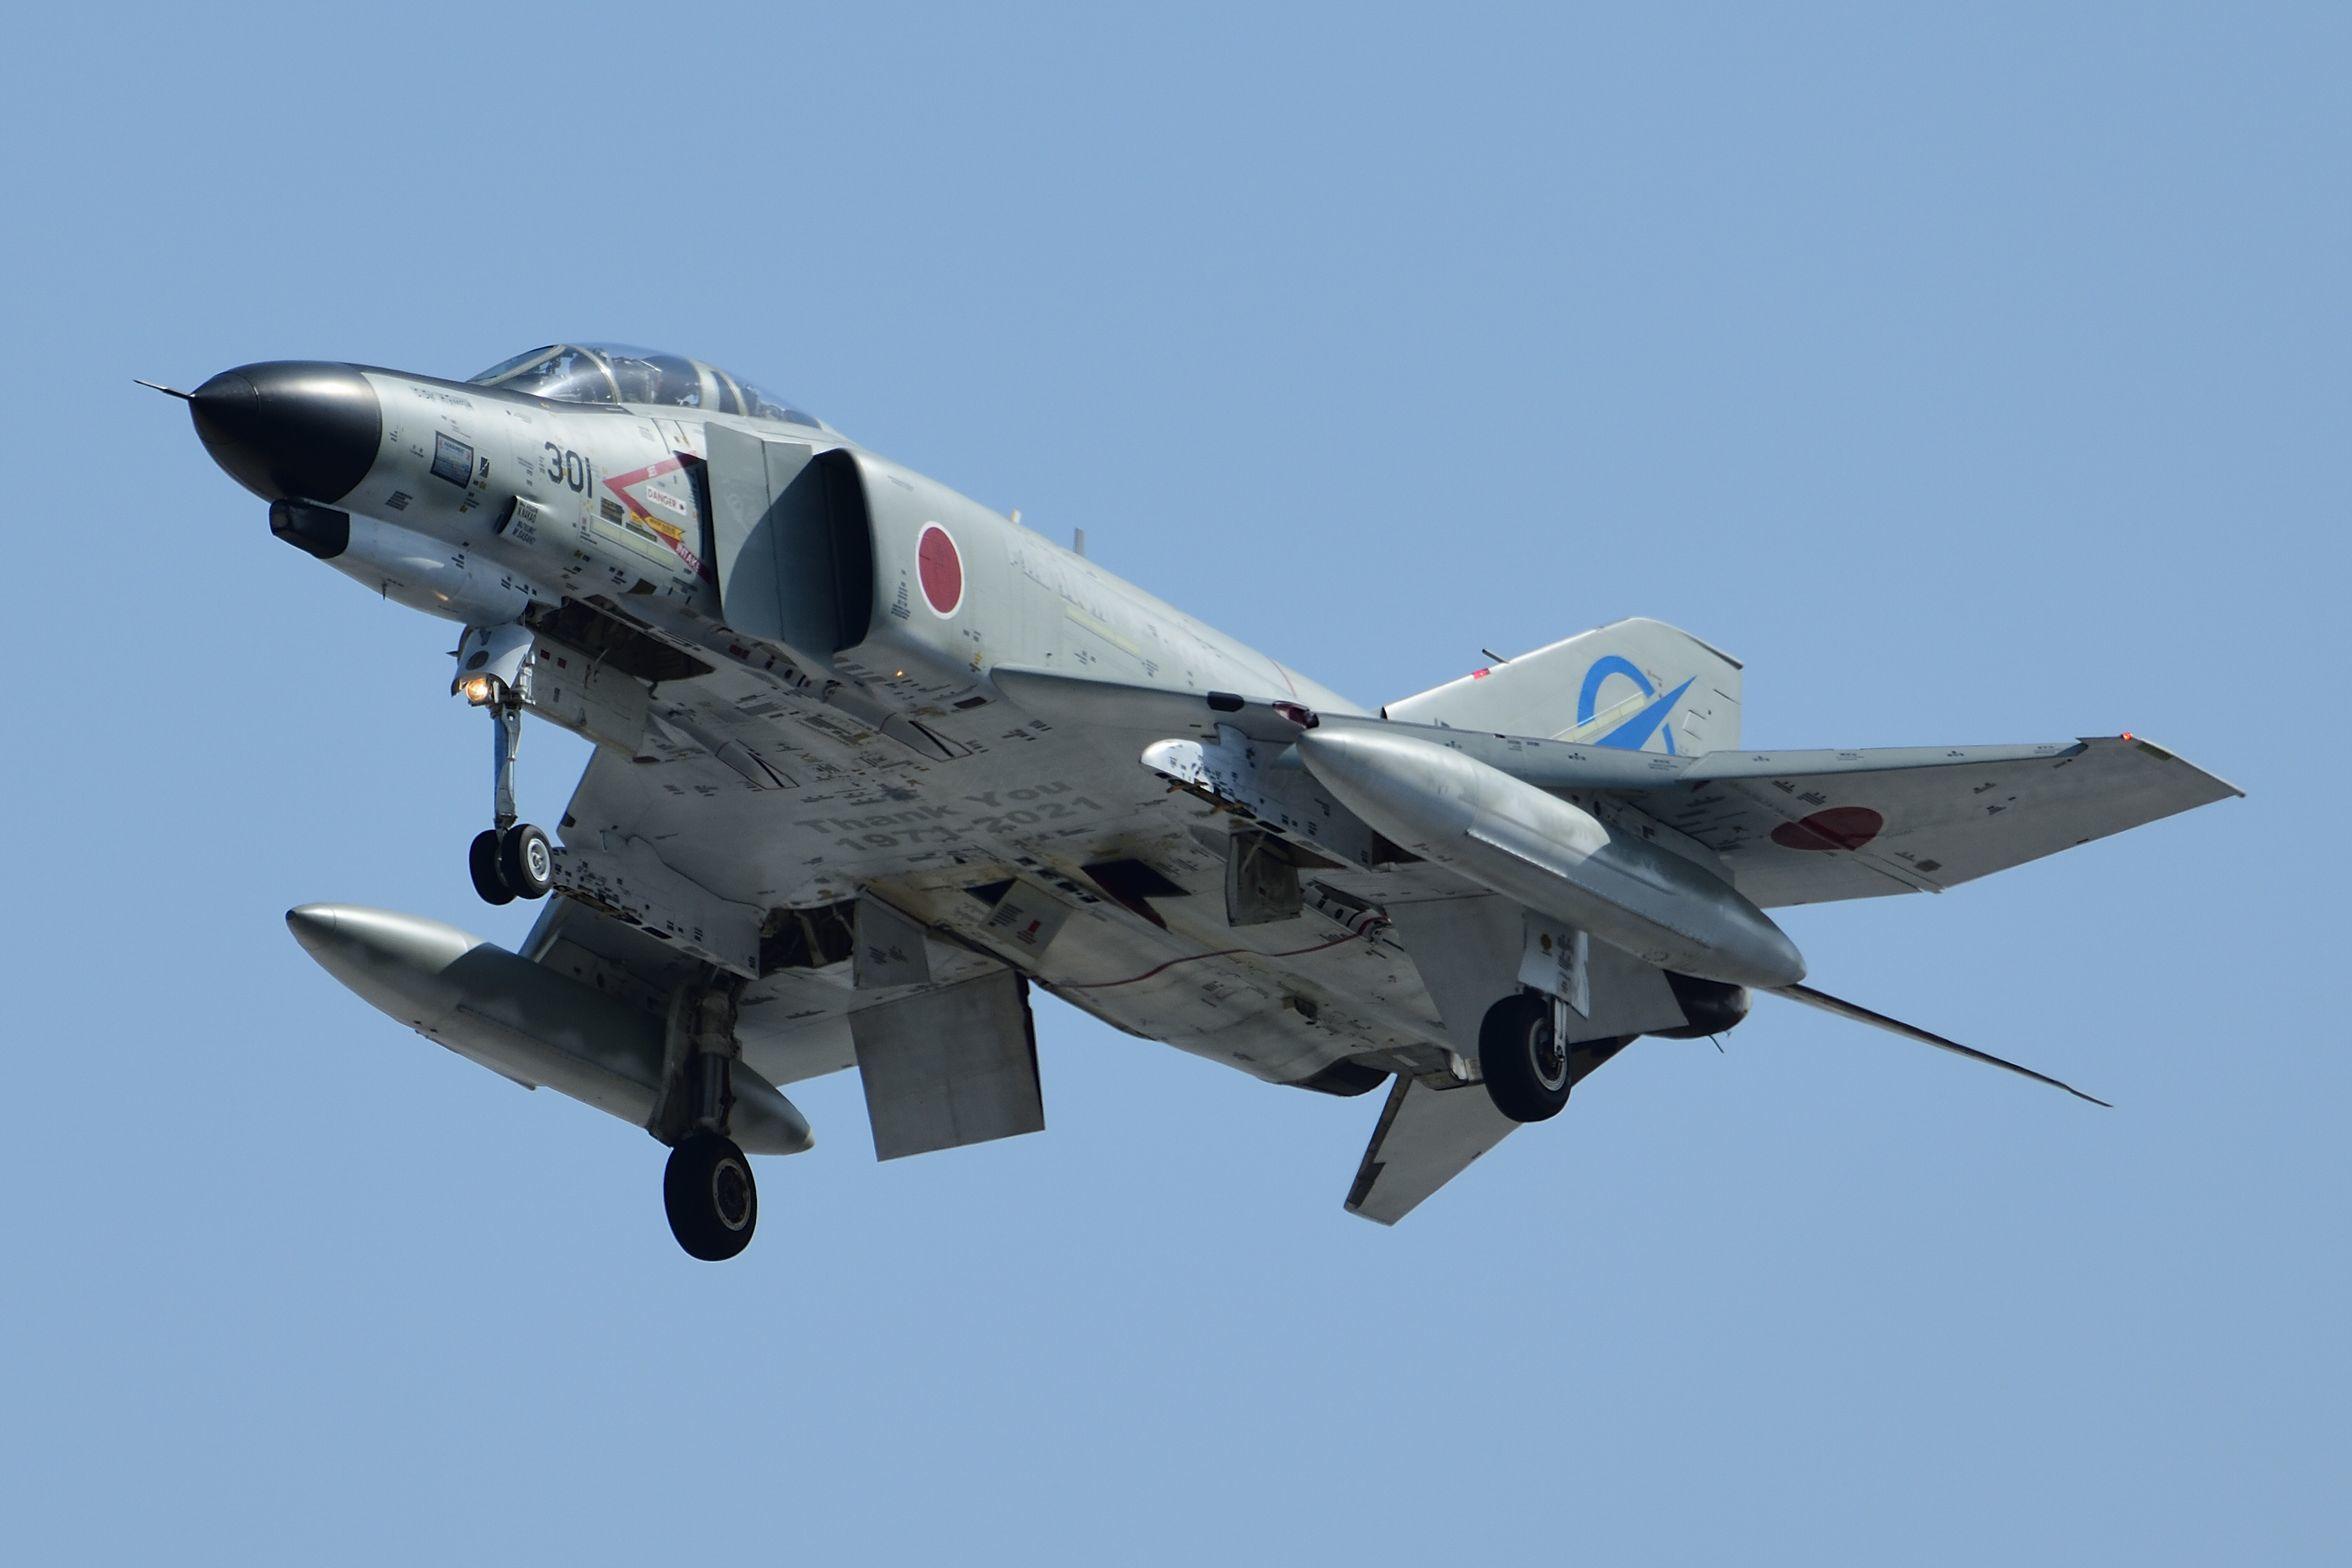 2021/03/17 岐阜基地(F-4ファントムⅡラストフライト)_c0250390_10162032.jpg